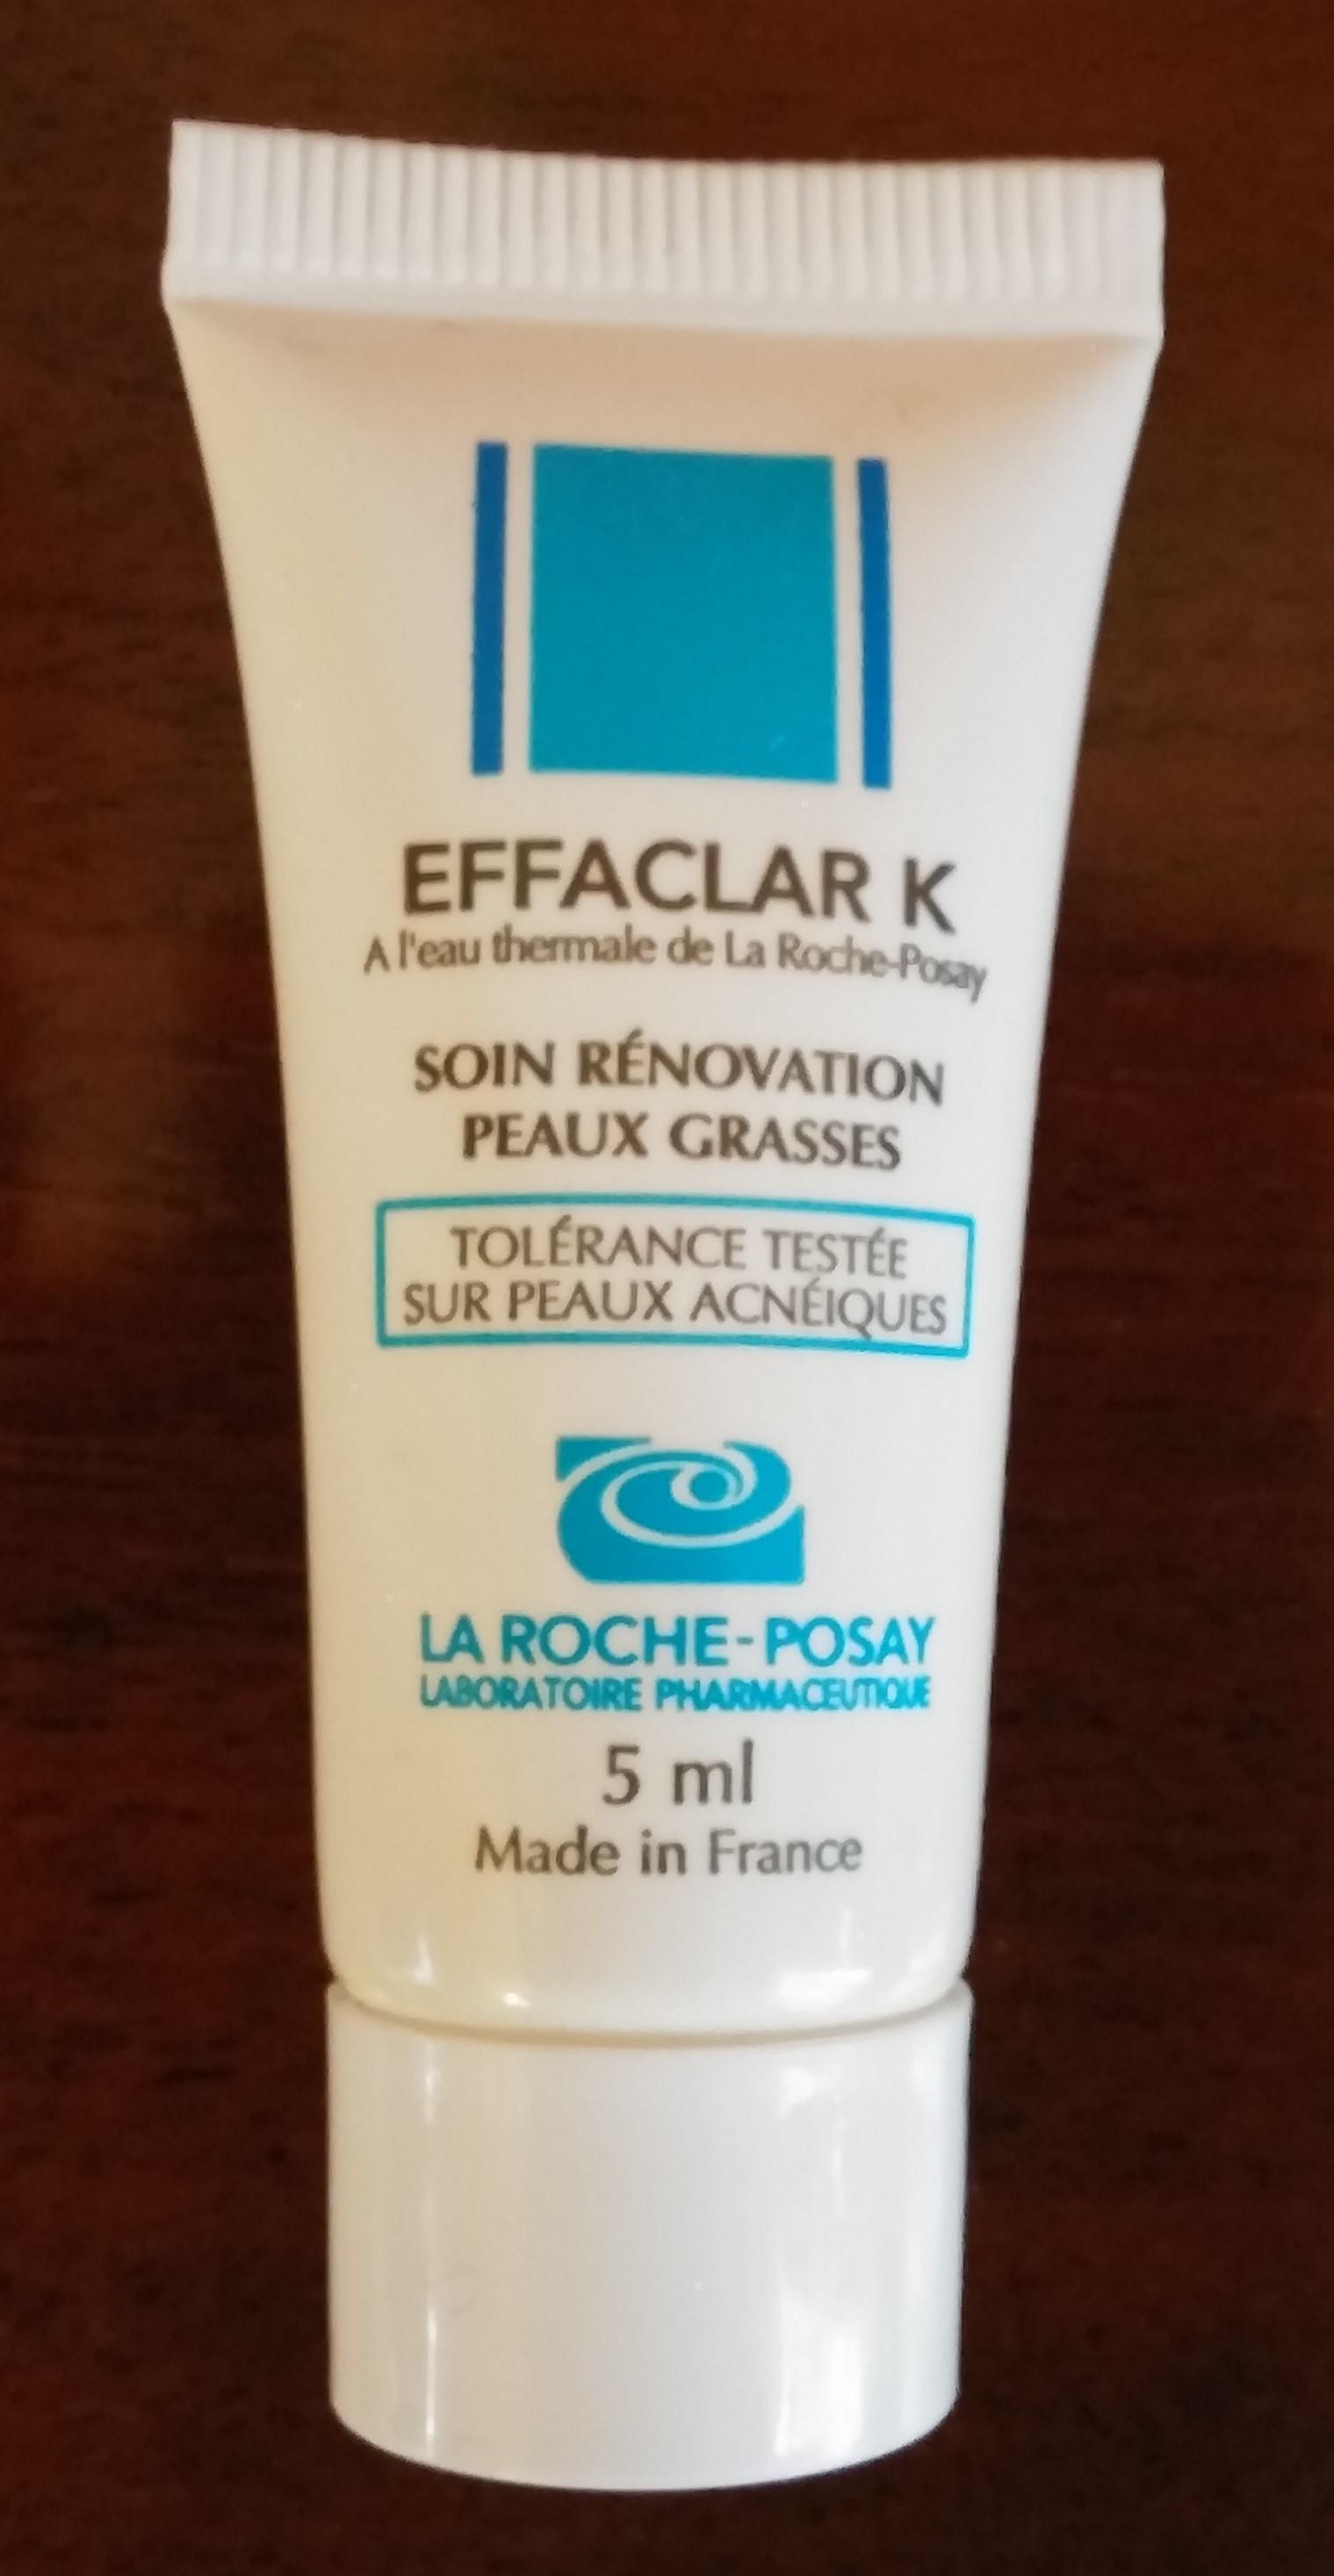 troc de troc (réservé) la roche posay effaclar k, soin rénovation peau grasse, 5ml image 0